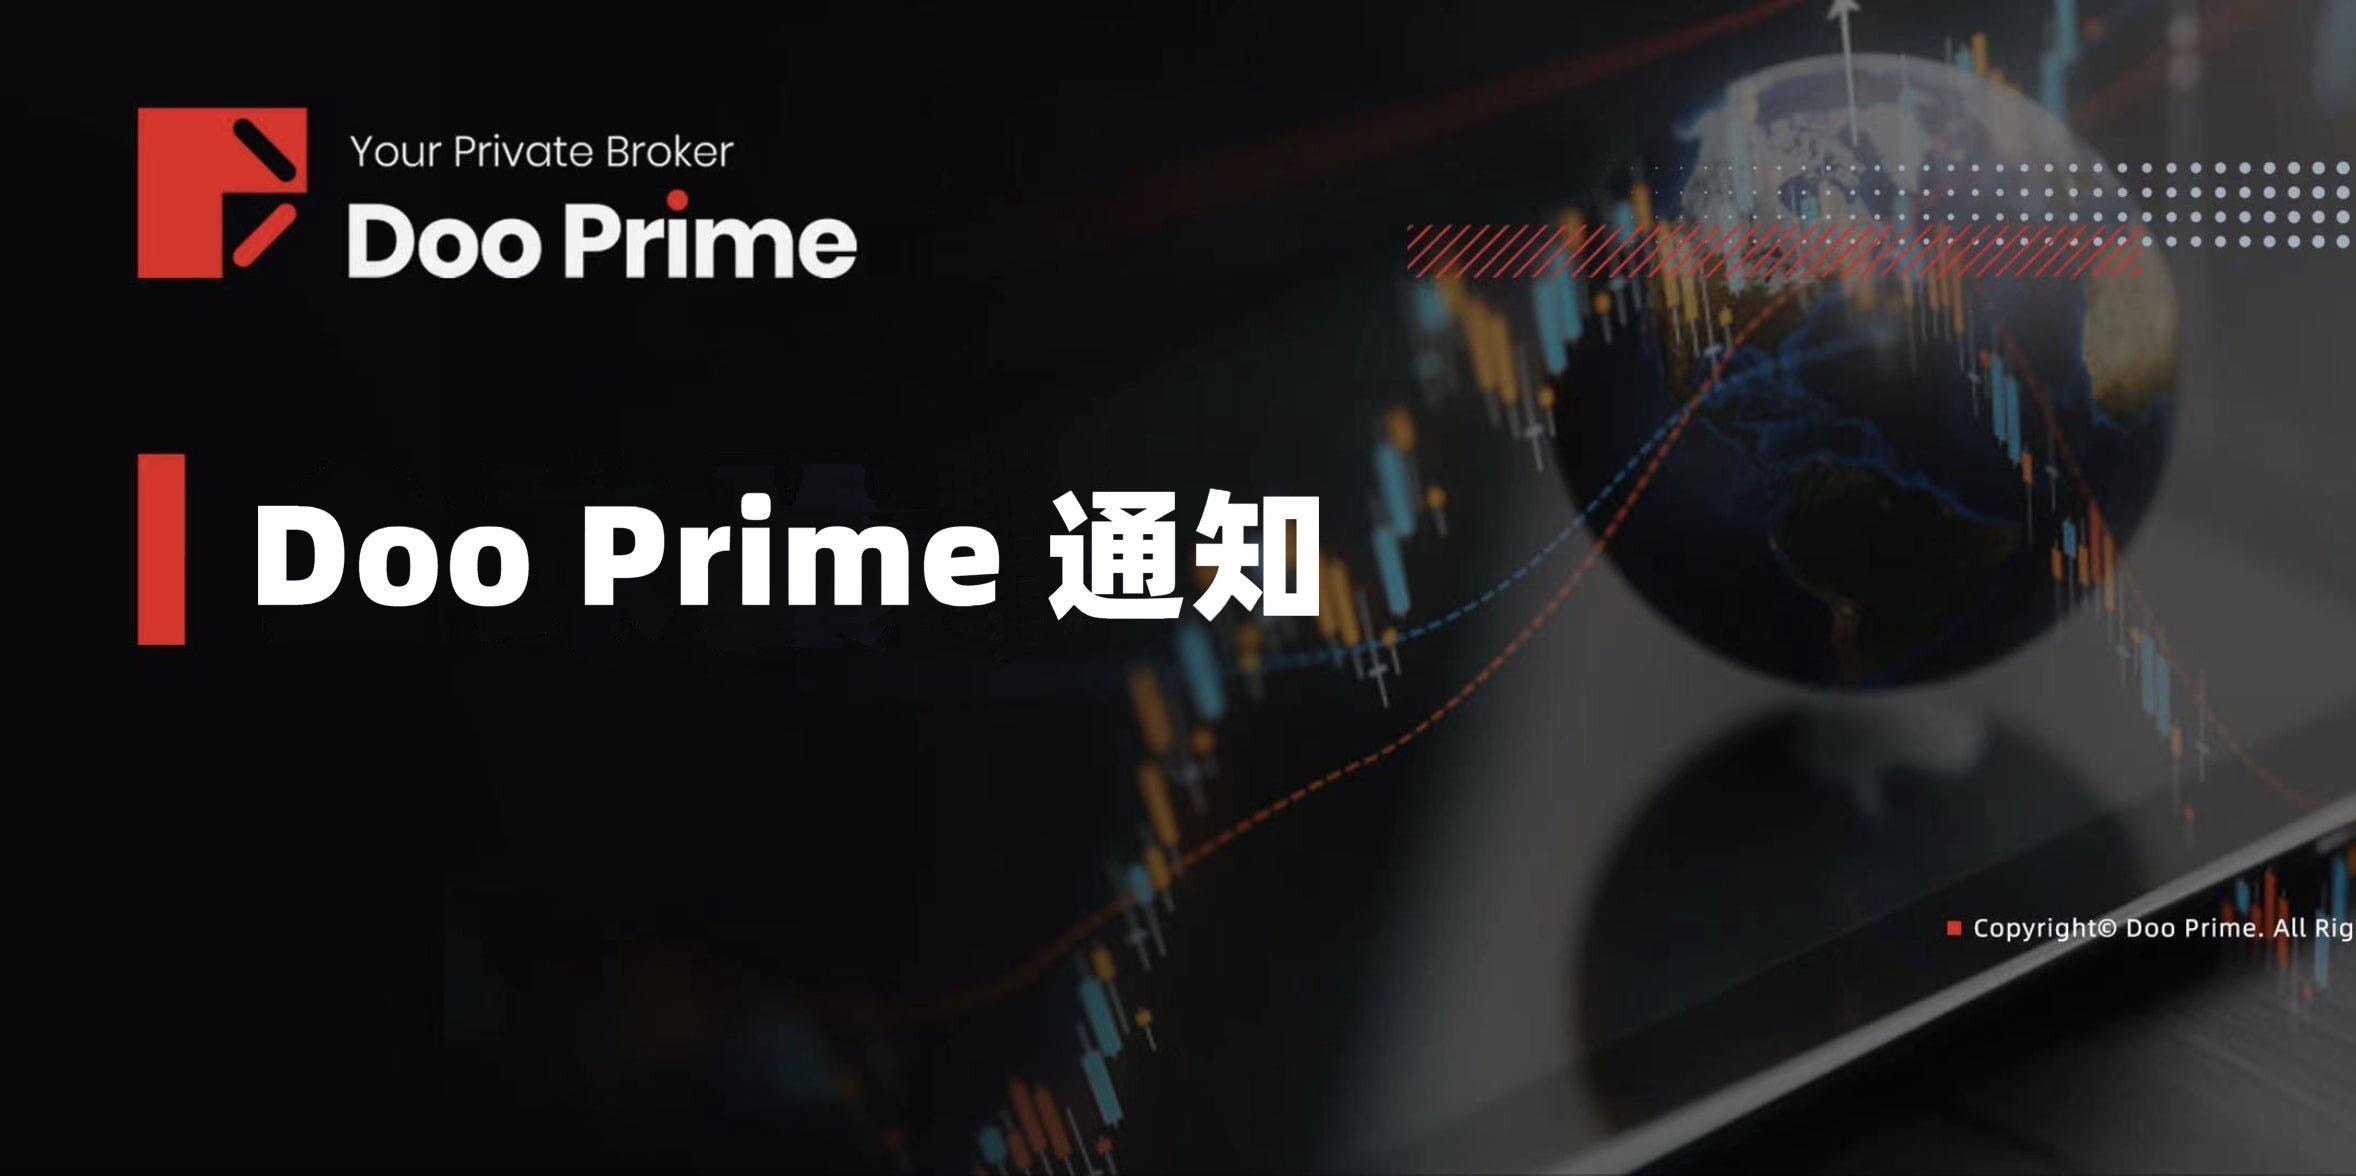 Doo Prime 美国股票差价合约股息分派通知